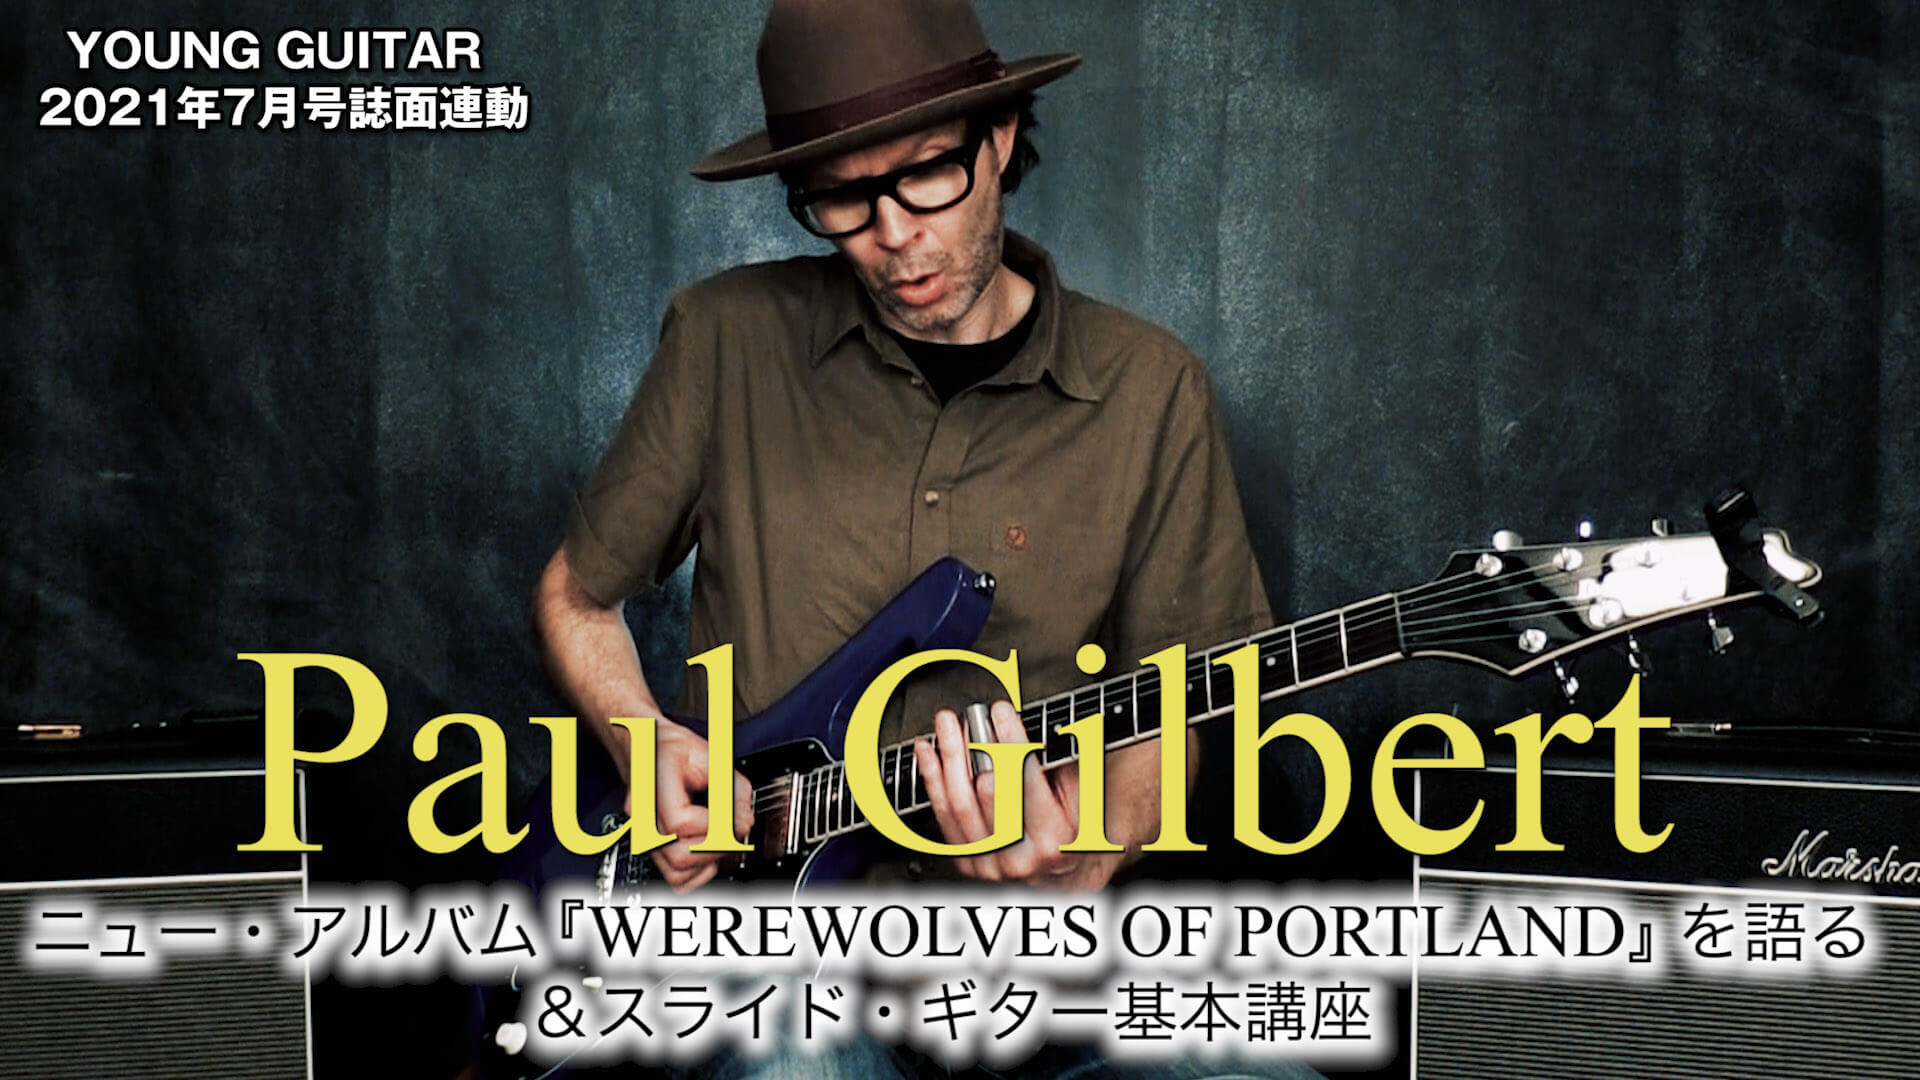 ポール・ギルバート、ニュー・アルバム『WEREWOLVES OF PORTLAND』を語る&スライド・ギター基本講座